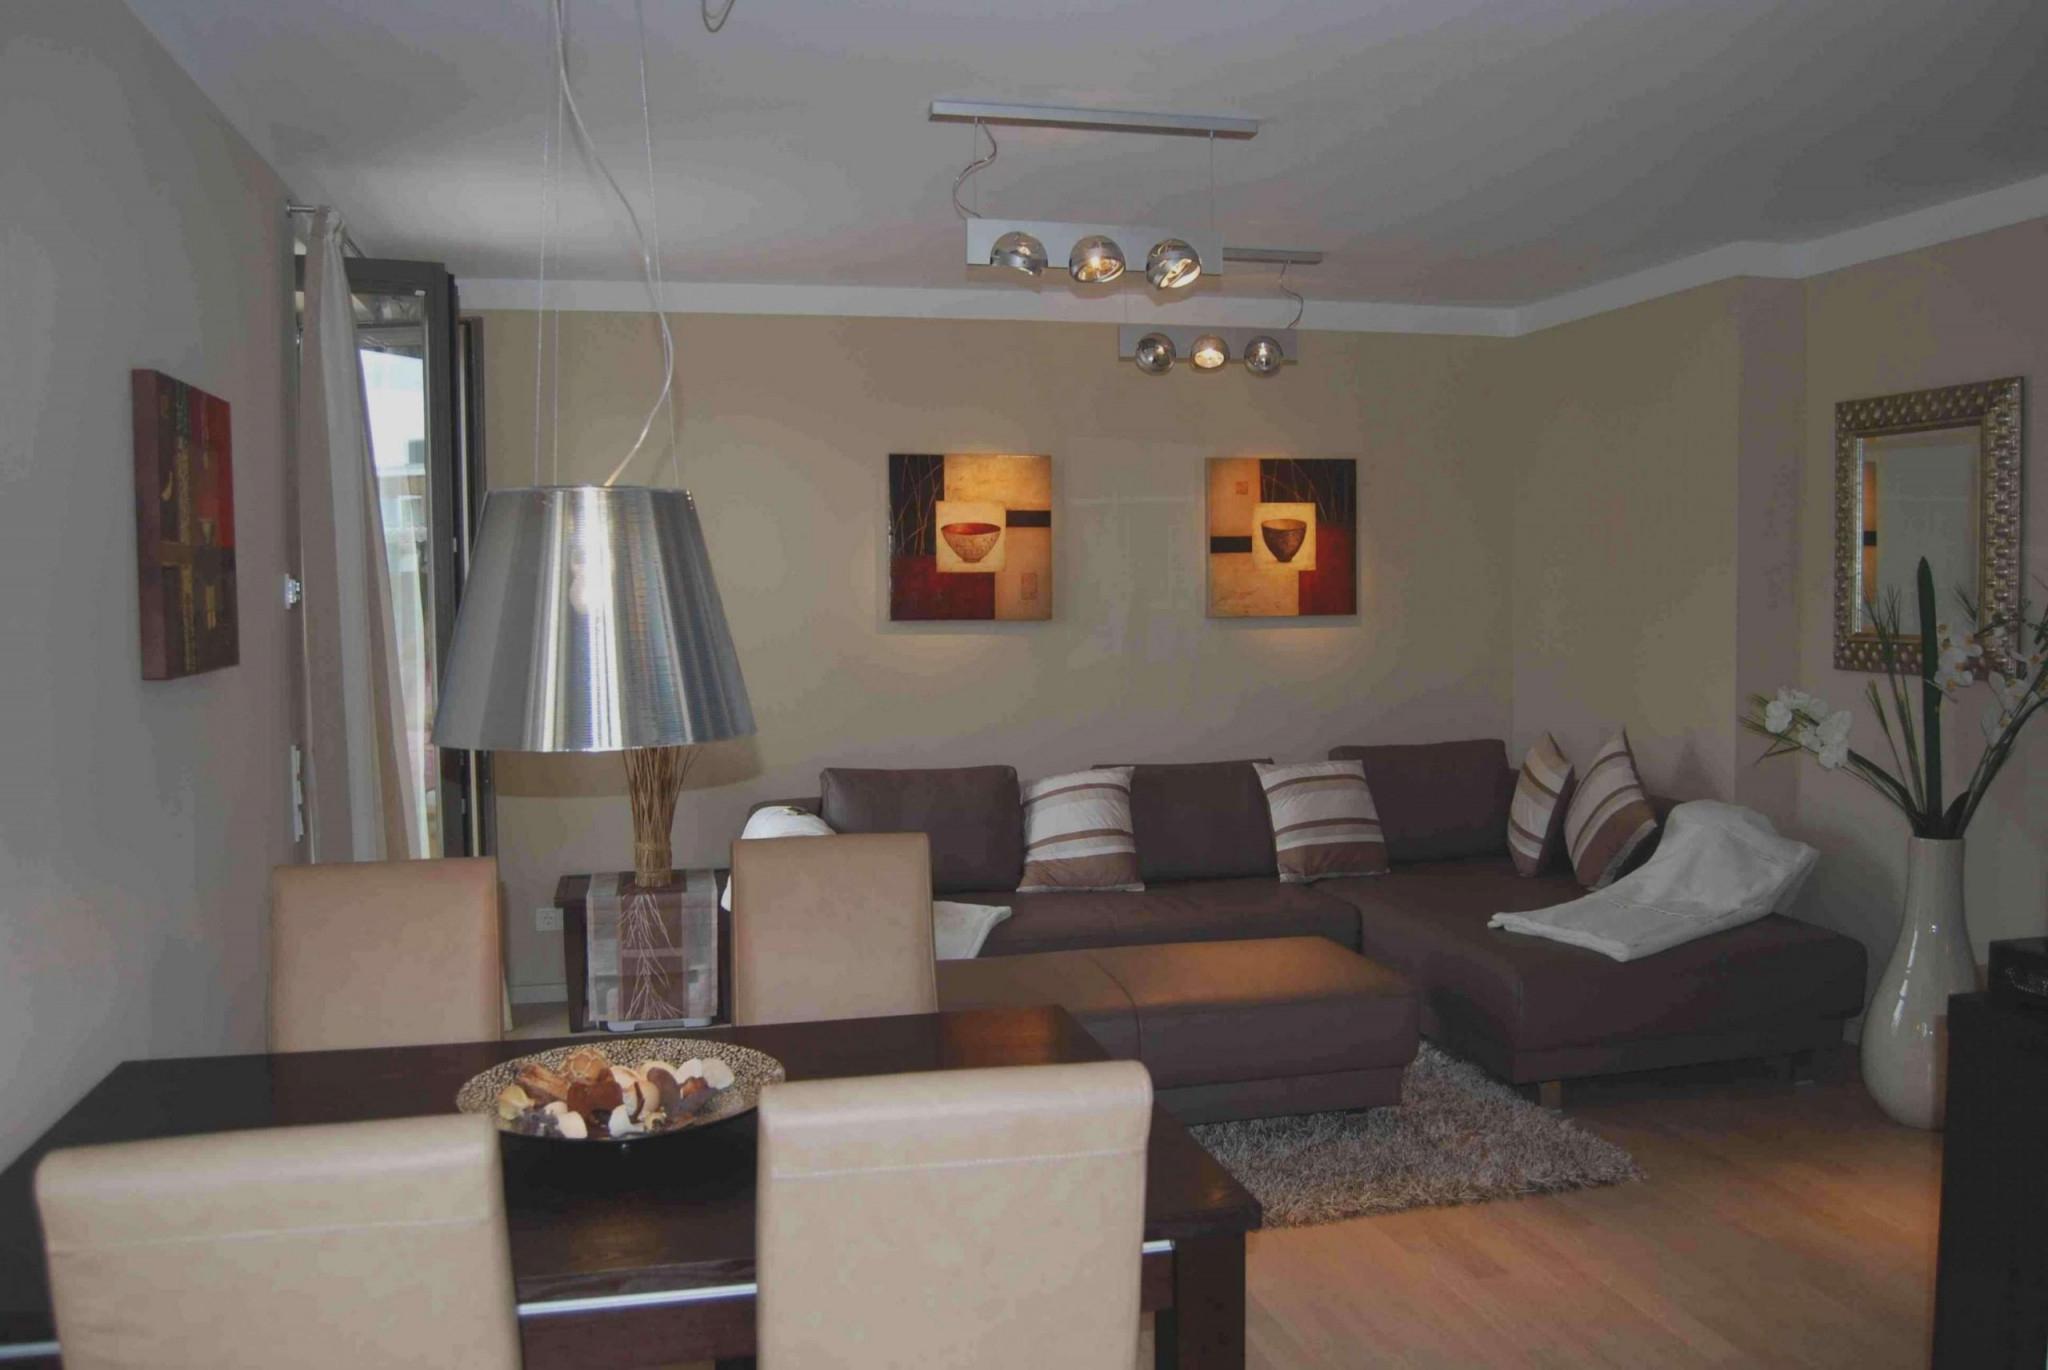 30 Luxus Kleines Wohnzimmer Mit Essbereich Einrichten von Kleines Wohnzimmer Platzsparend Einrichten Bild